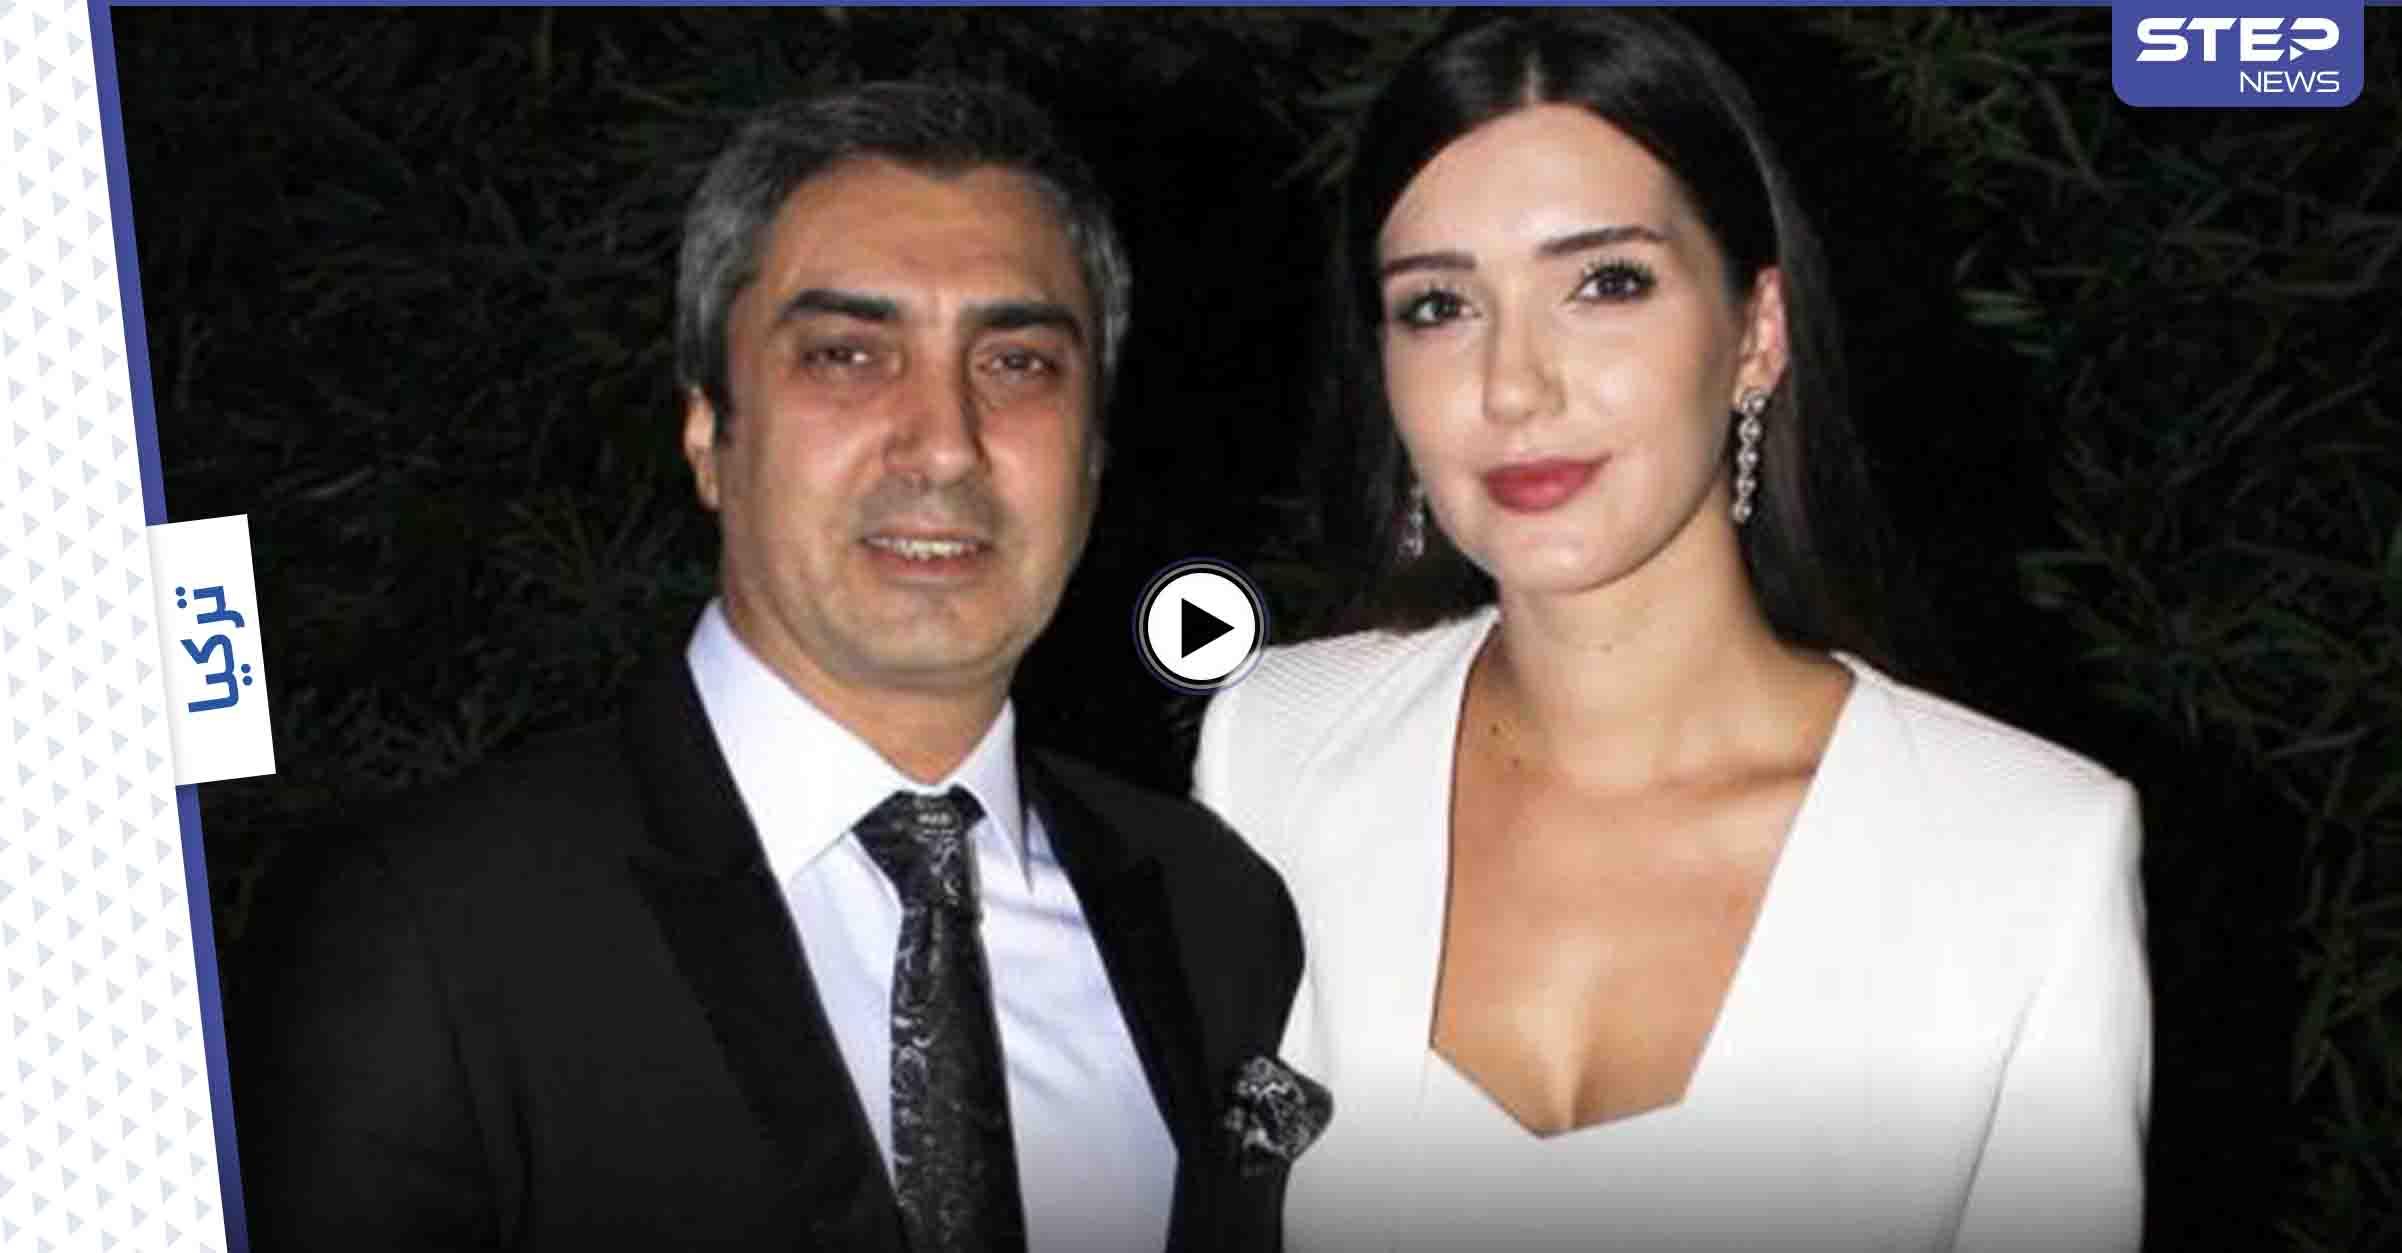 فيديو لنجل الممثل التركي الشهير مراد علم دار يشعل الحرب بينه وبين طليقته (فيديو)